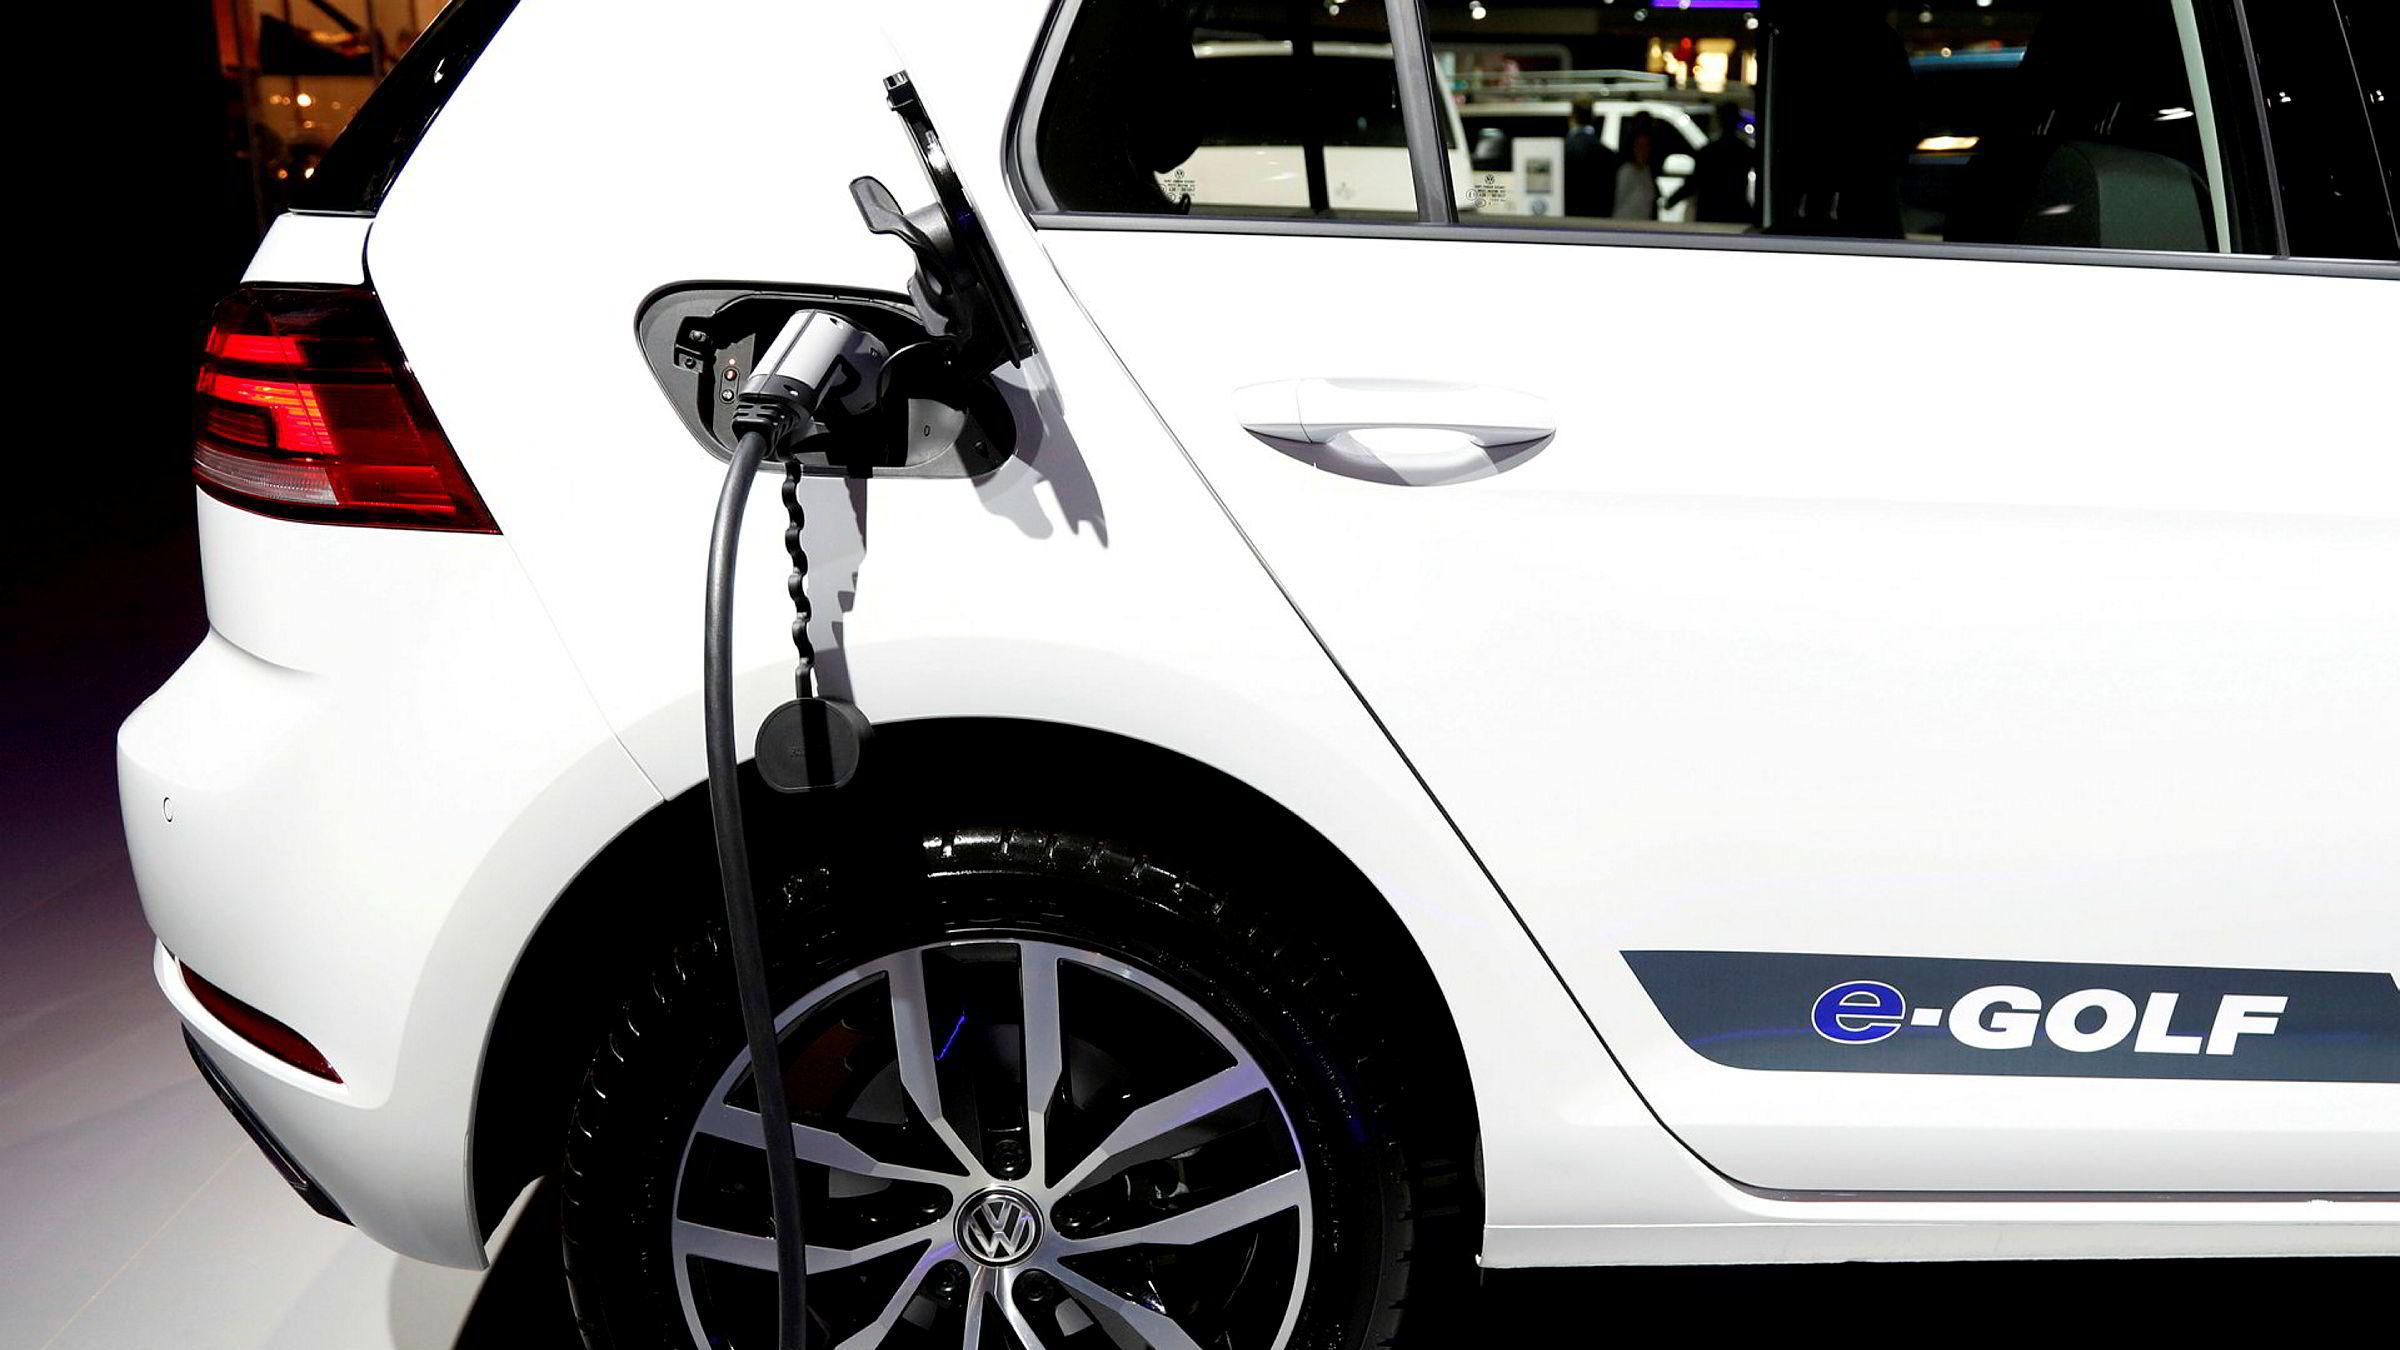 Volkswagen Golf troner nok en gang på toppen av den norske registreringsstatistikken i november, der det hovedsaklig er den elektriske versjonen E-Golf som drar lasset.